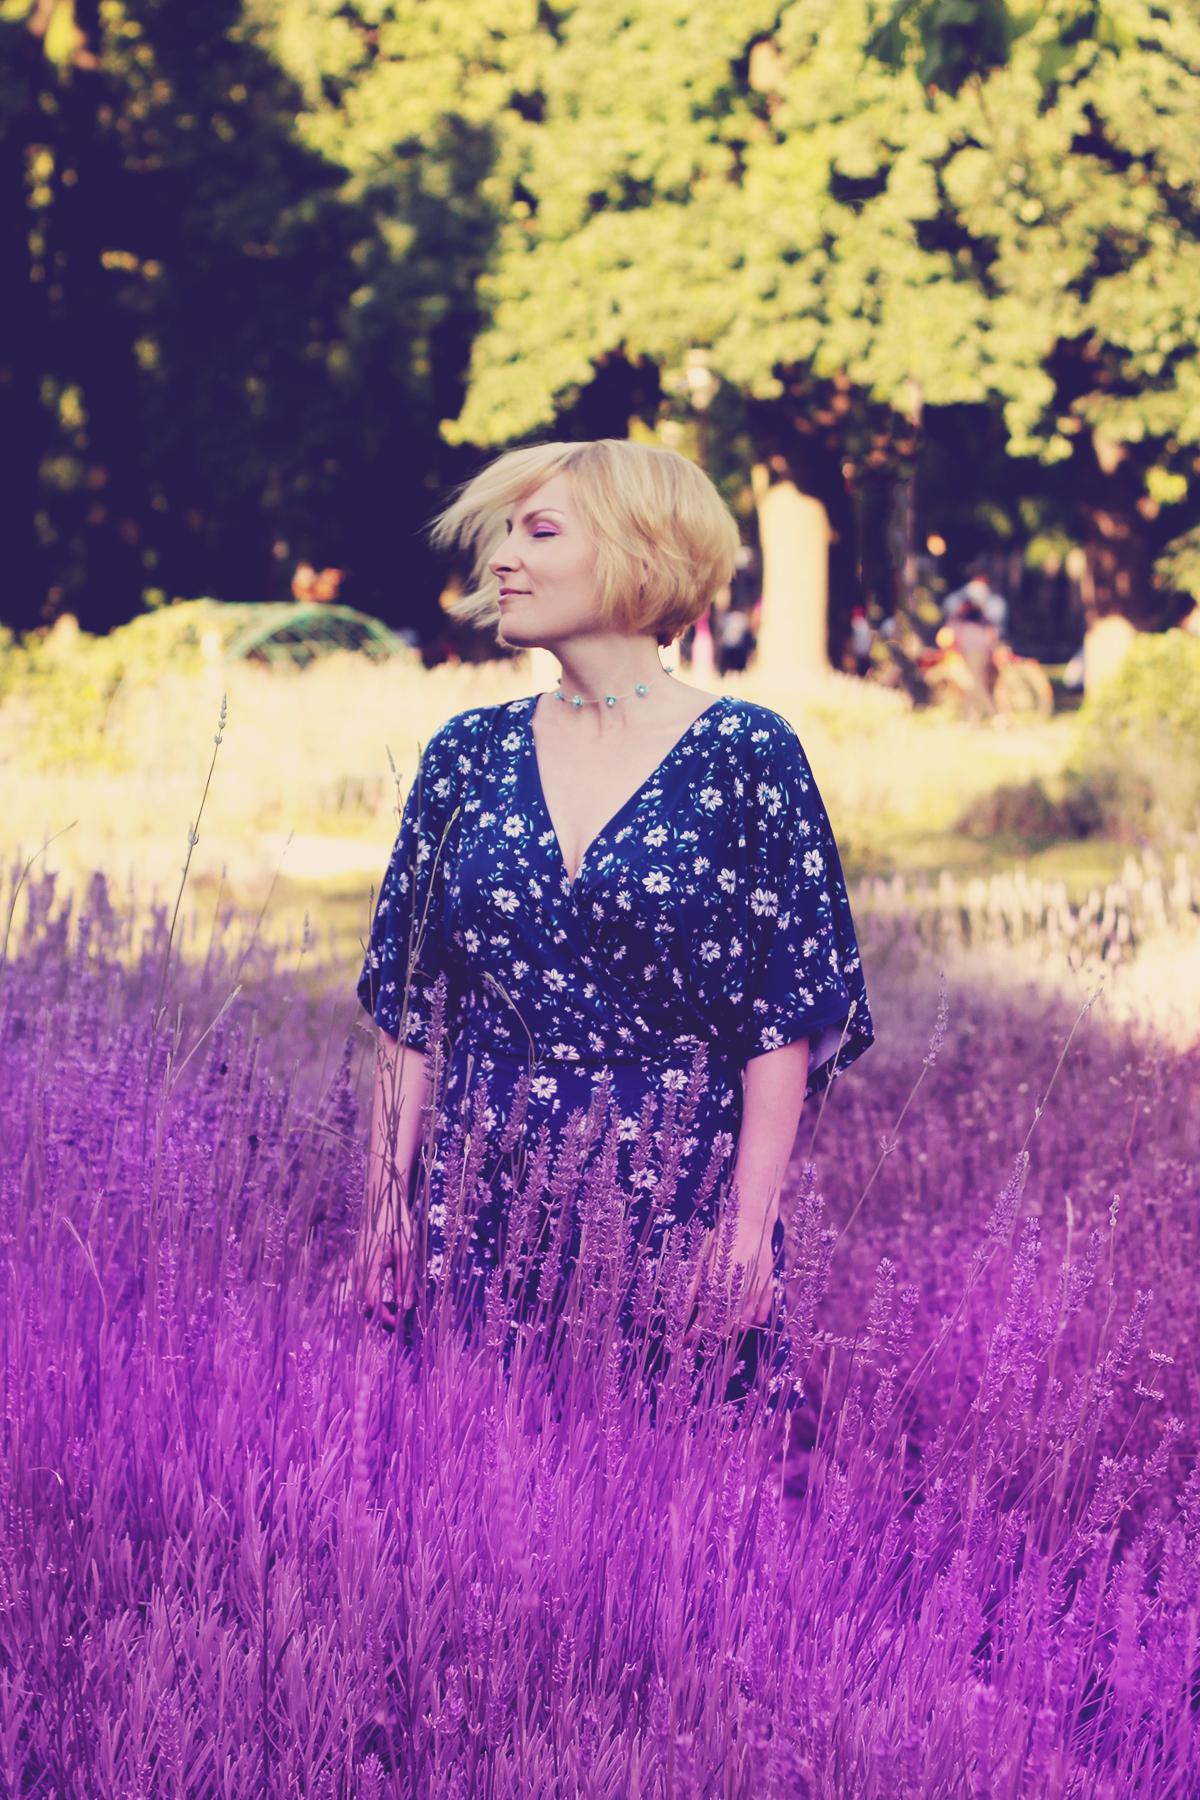 blue floral romper in lavender